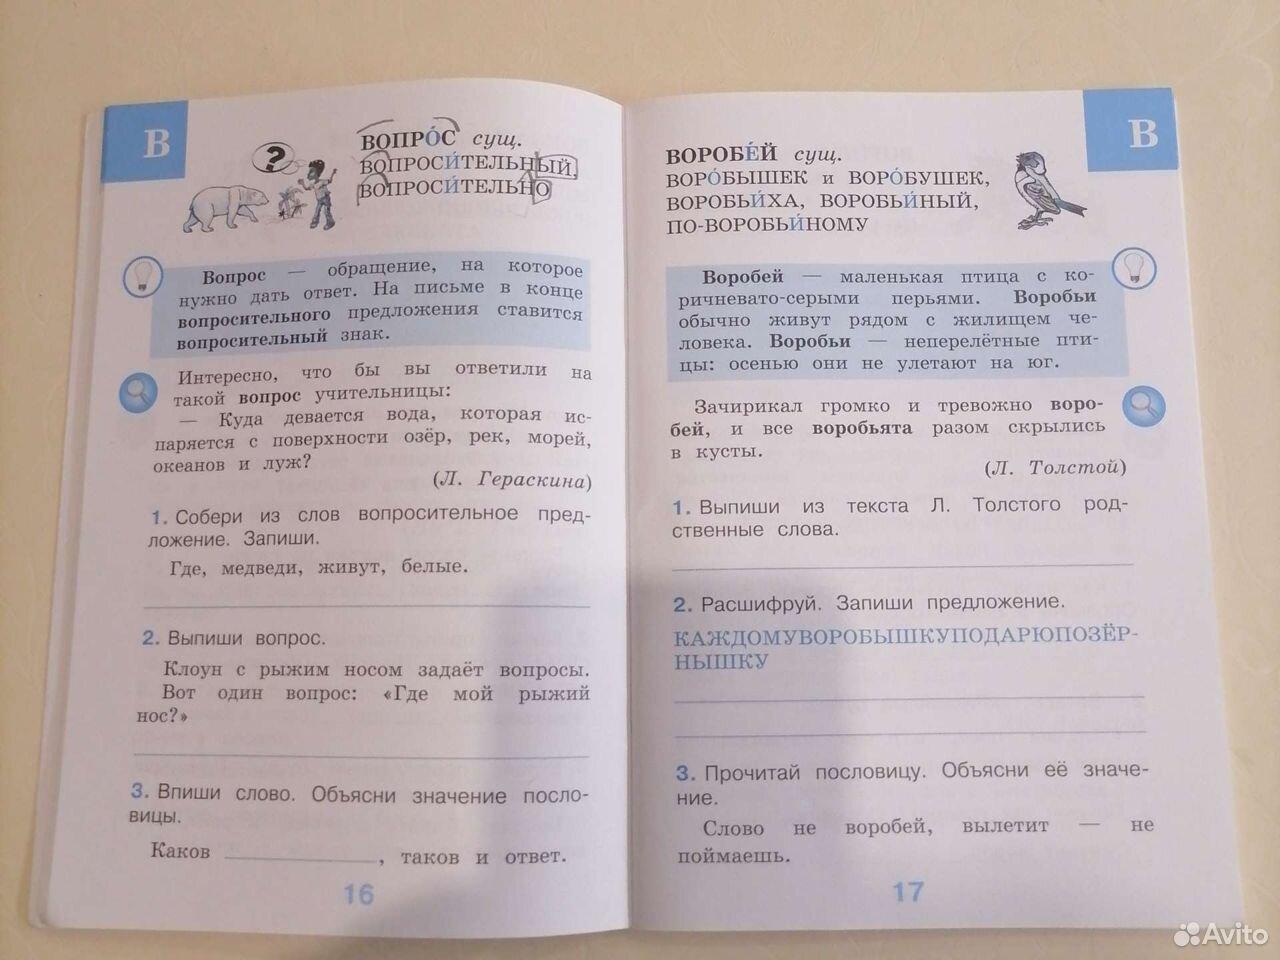 Рабочий словарик 2 класс  89102284119 купить 3